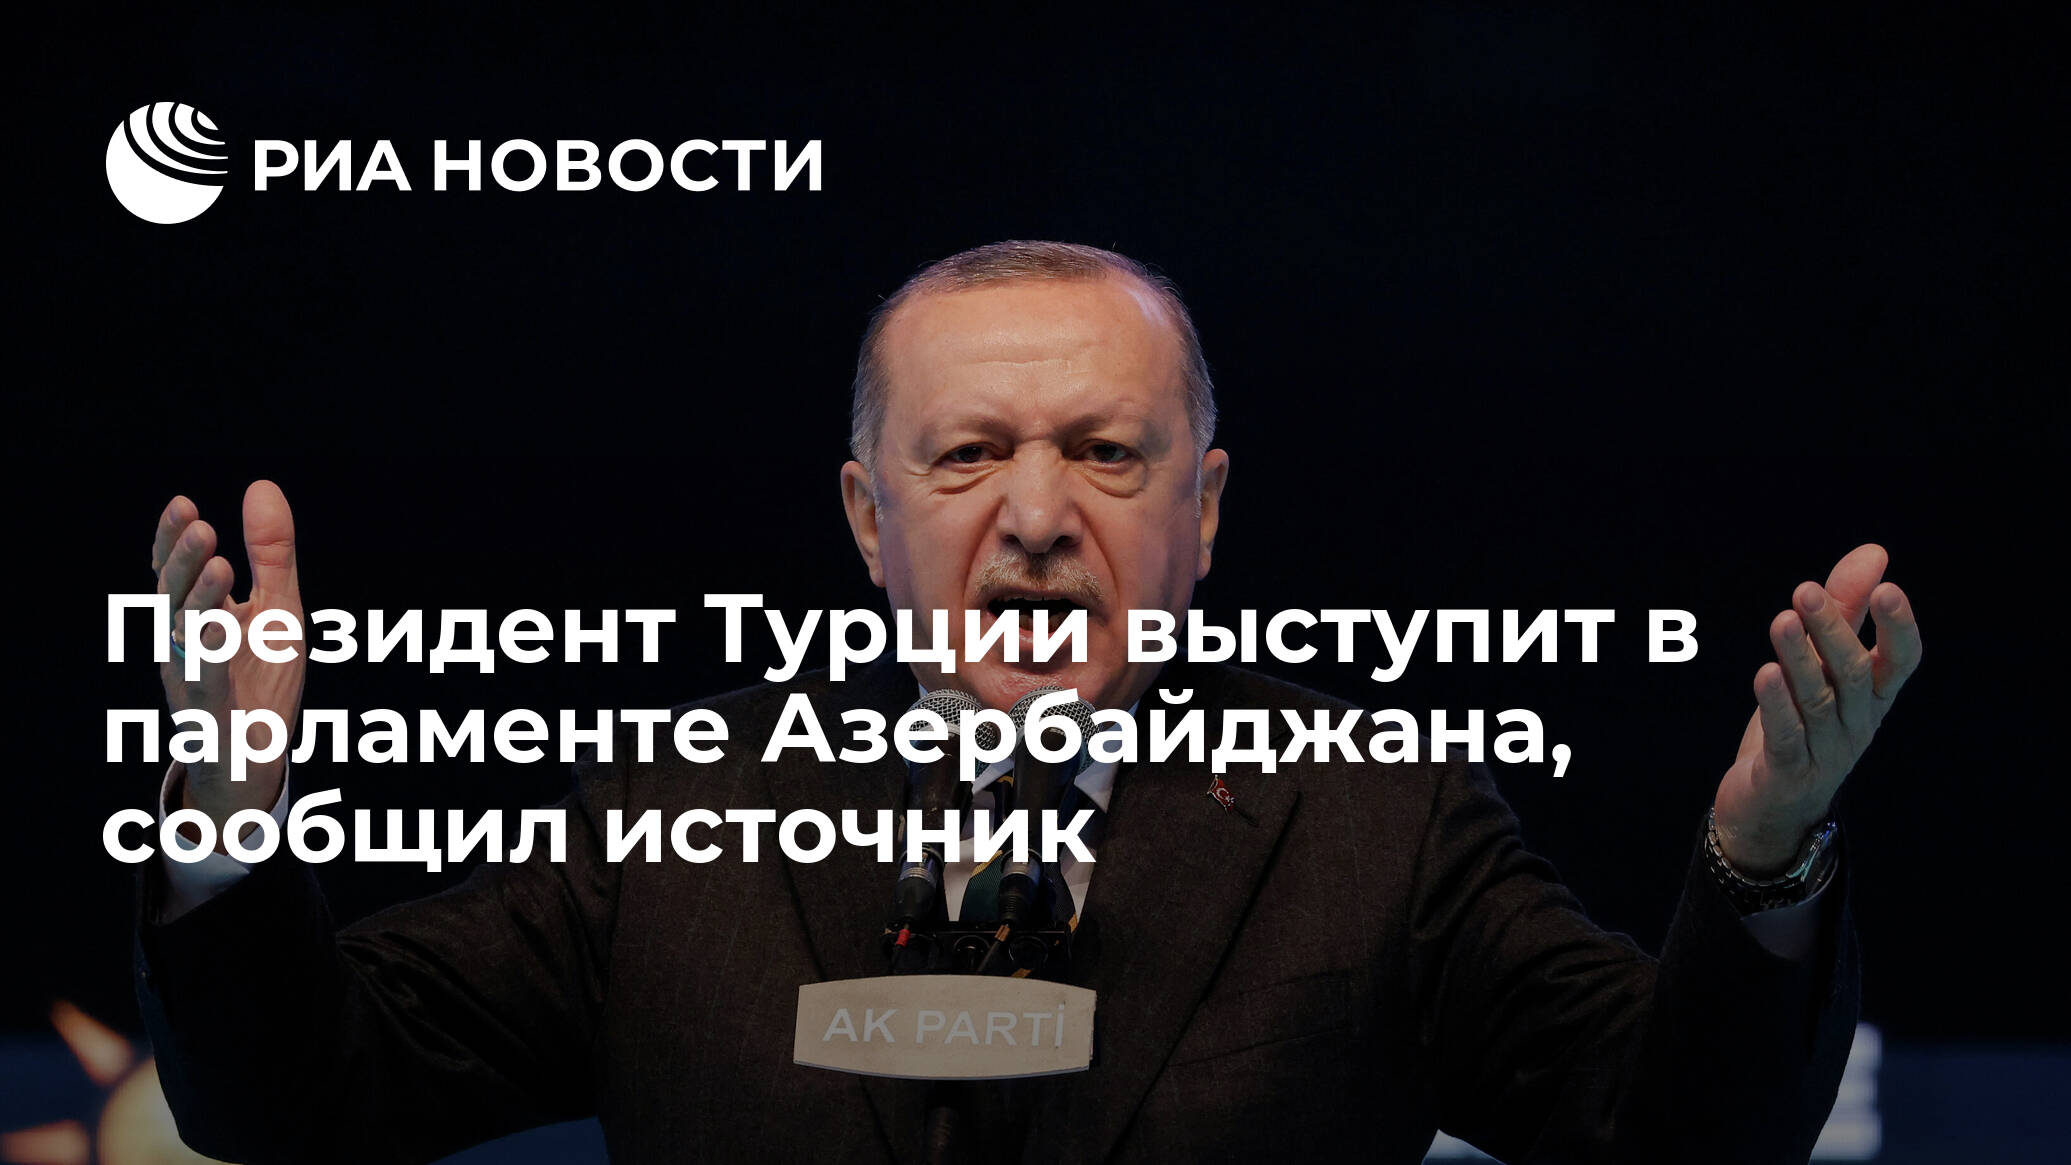 Эрдоган выступит на внеочередном заседании Милли Меджлиса Азербайджана, сообщил источник